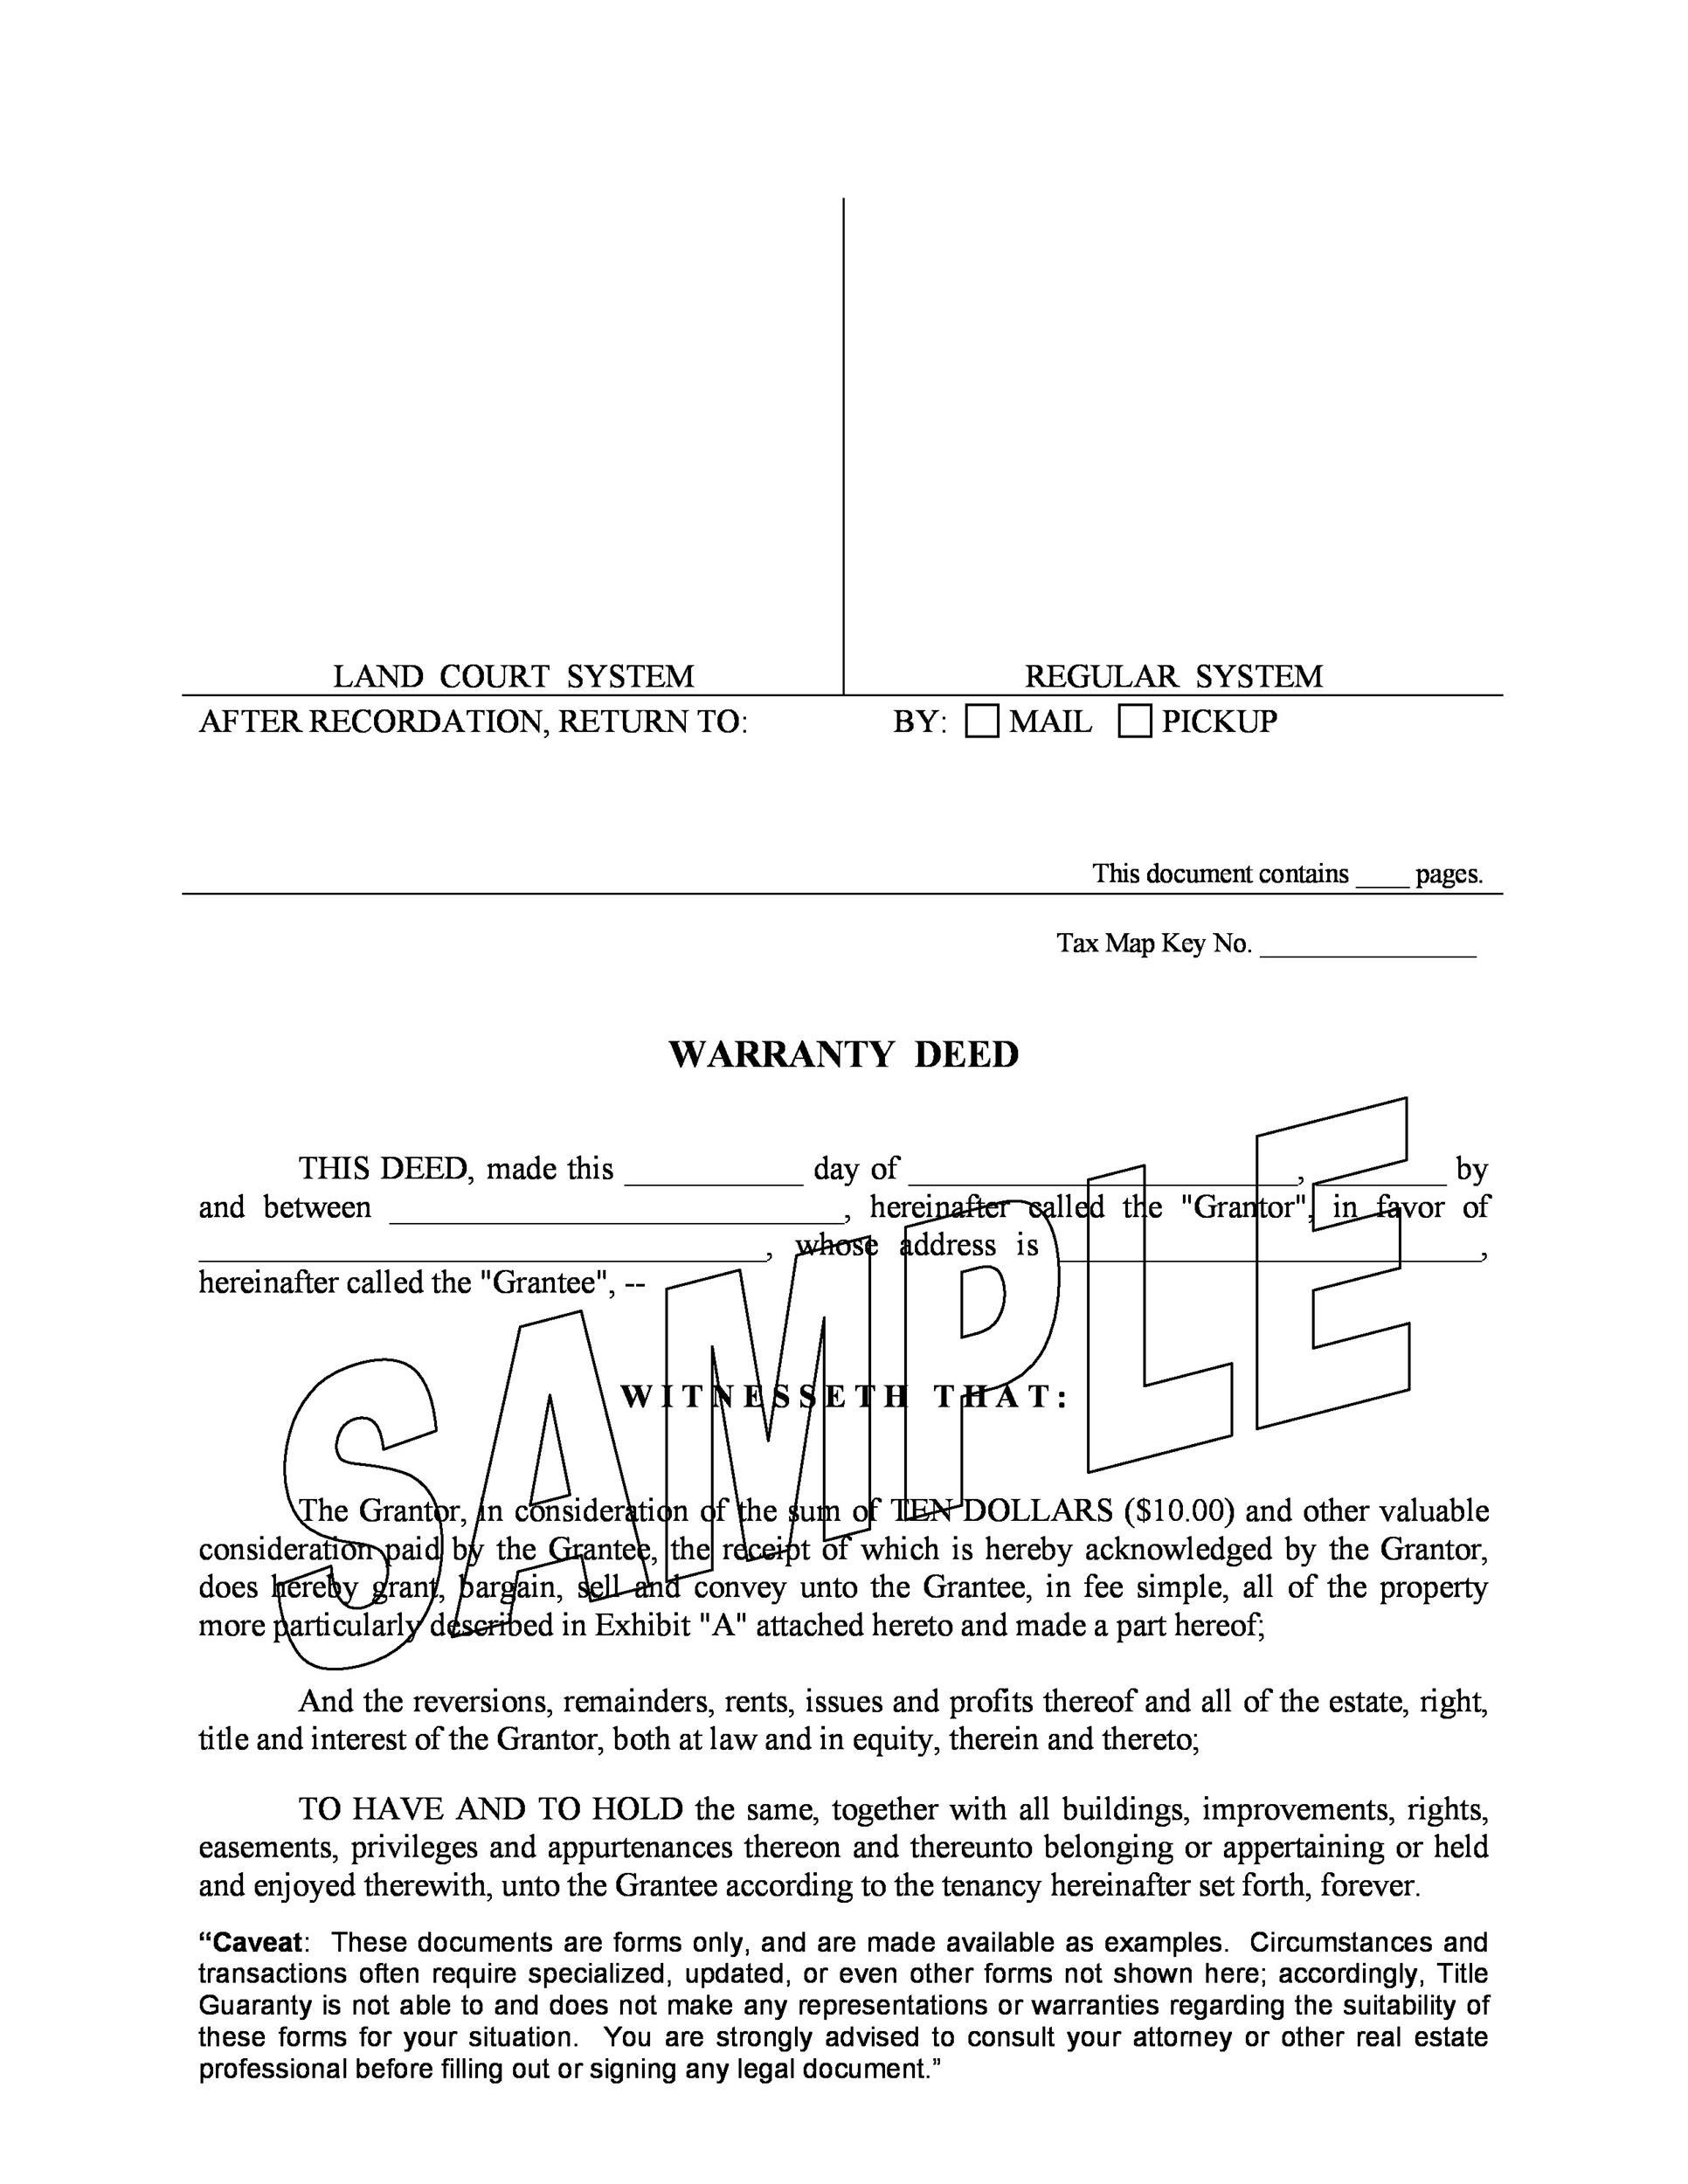 Free Warranty deed template 12